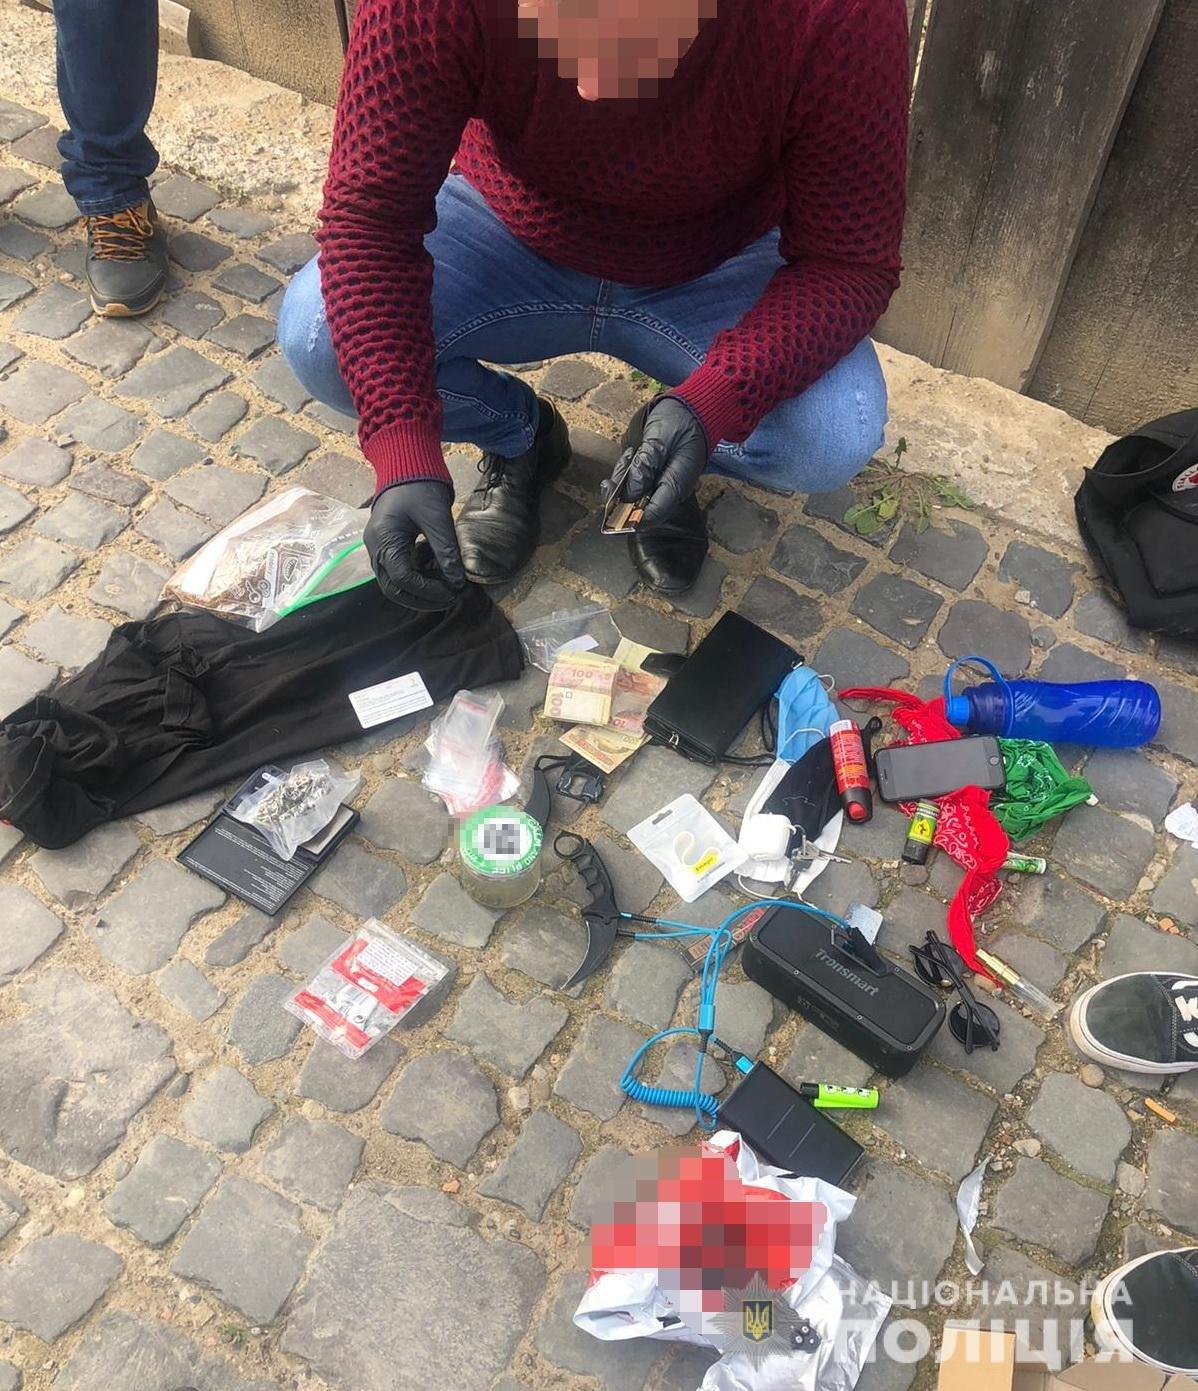 Займався збутом наркотиків: поліція затримала 18-річного закарпатця (ФОТО), фото-2